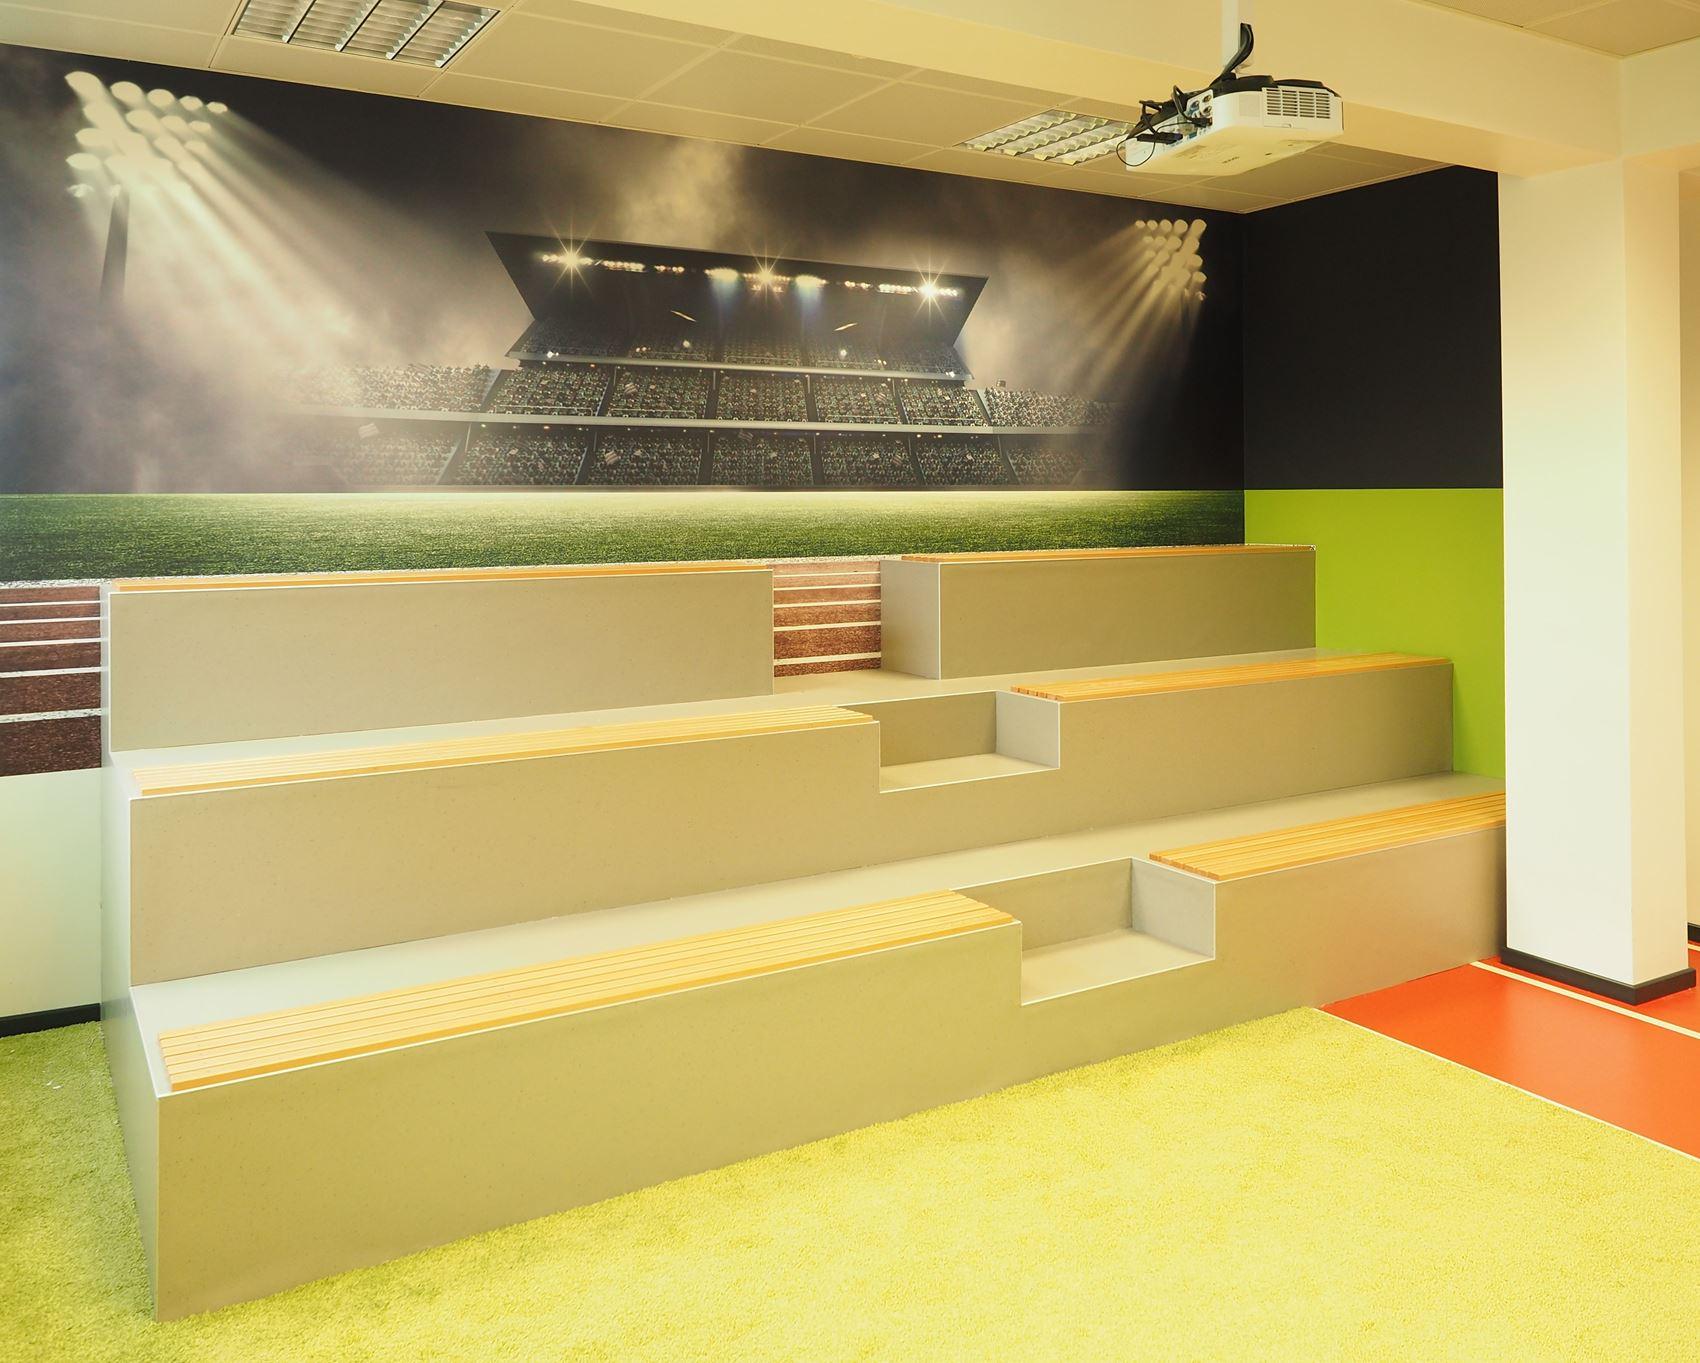 Designer Bucherregal Osb Platten: Bauen